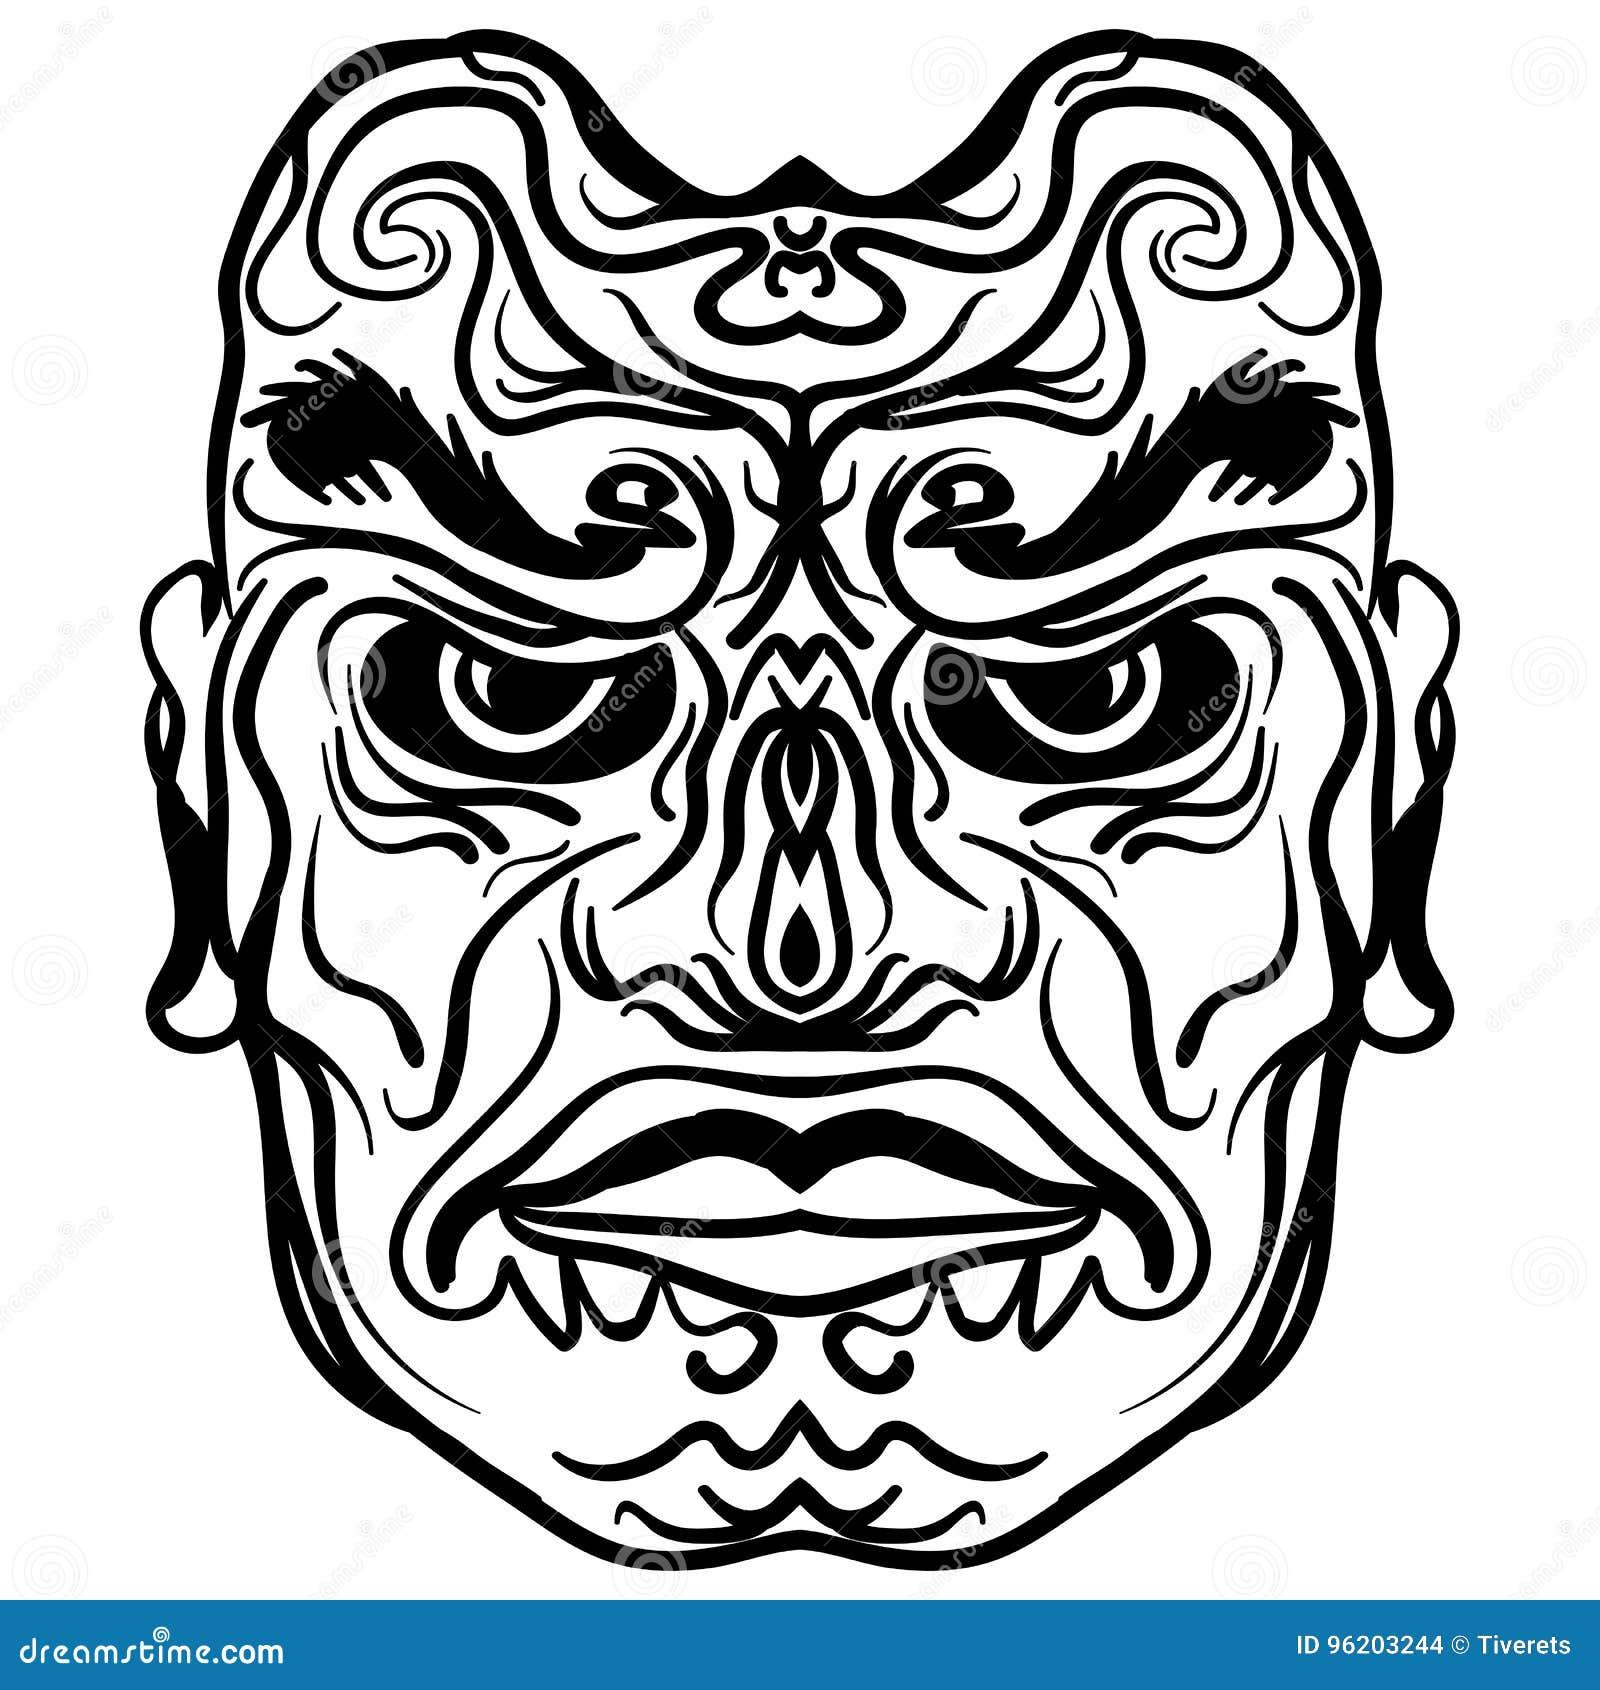 639e34f730a44 Tattoo design of tribal mask, vintage engraved illustration. Demon mask  sketch tattoo